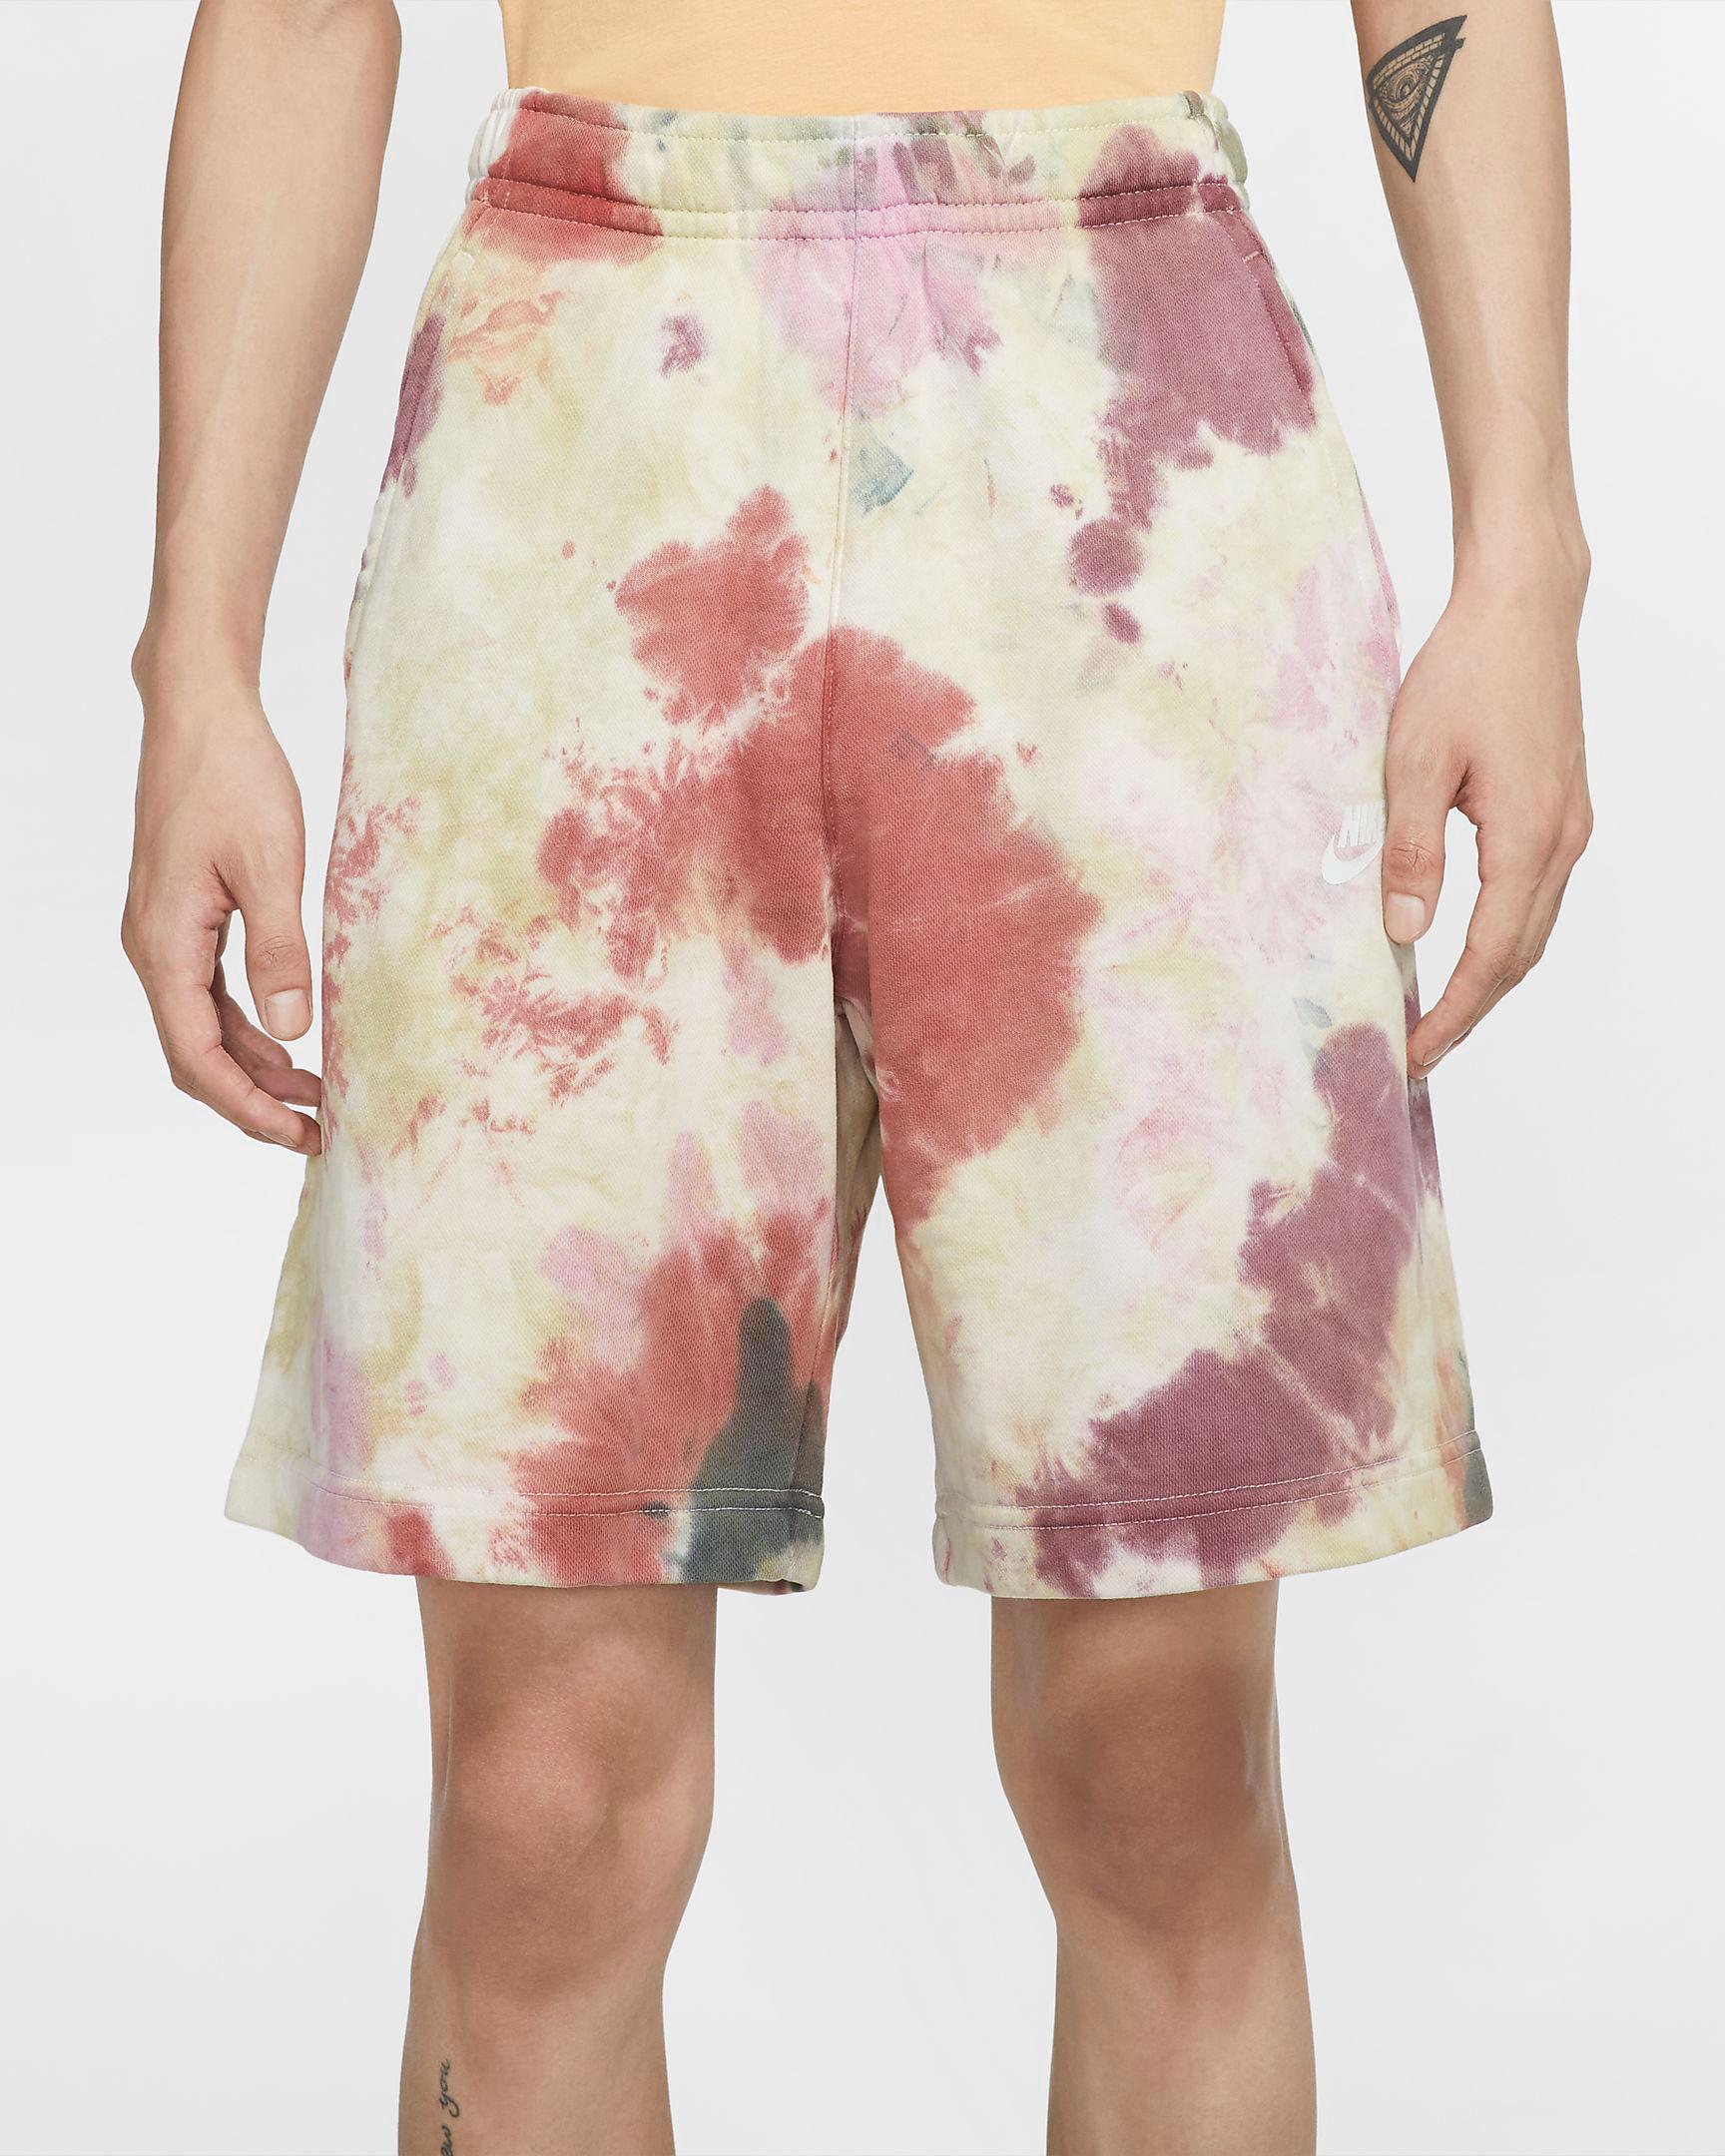 nike-air-max-1-pink-strawberry-lemonade-shorts